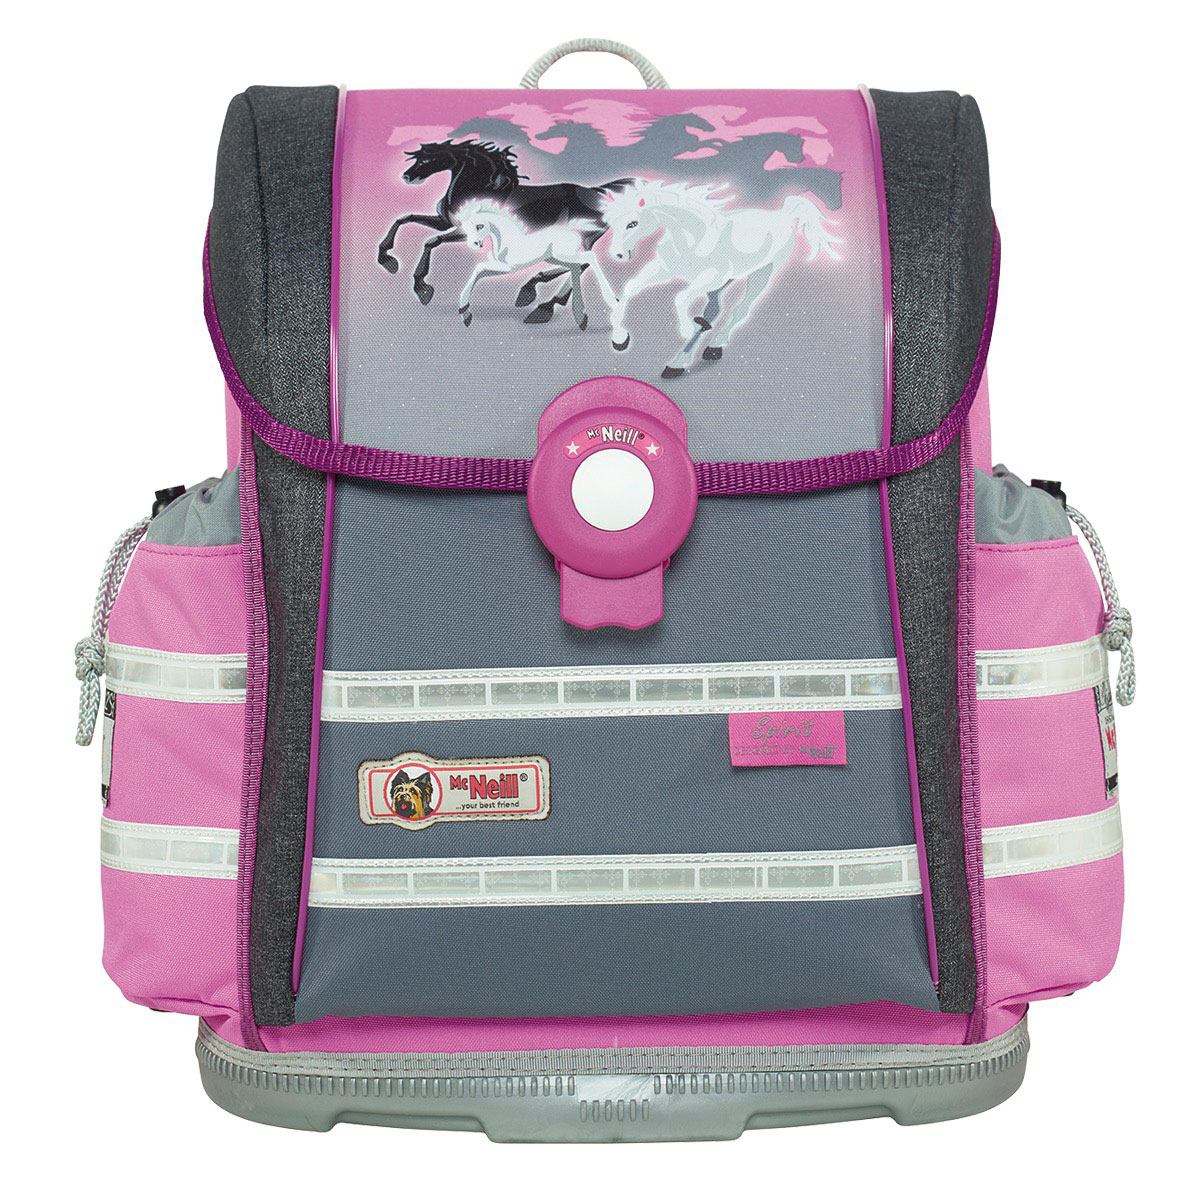 McNeill-Schulranzen-ERGO-Light-912-S-9624171000-grau-rosa-pferde